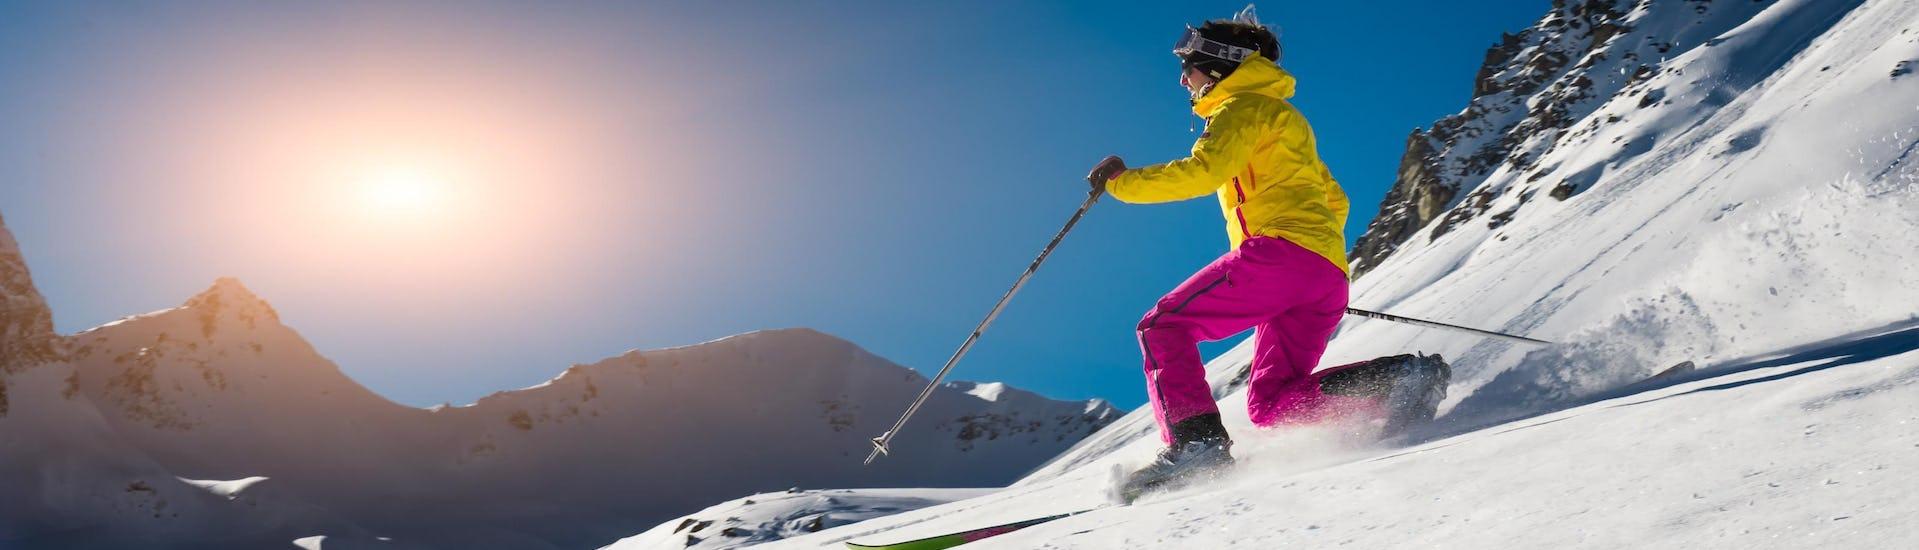 Privater Telemark Kurs - Alle Levels der Skischule Folgarida Aevolution finden an einem sonnigen Tag statt; der Skilehrer zeigt die beste Technik.